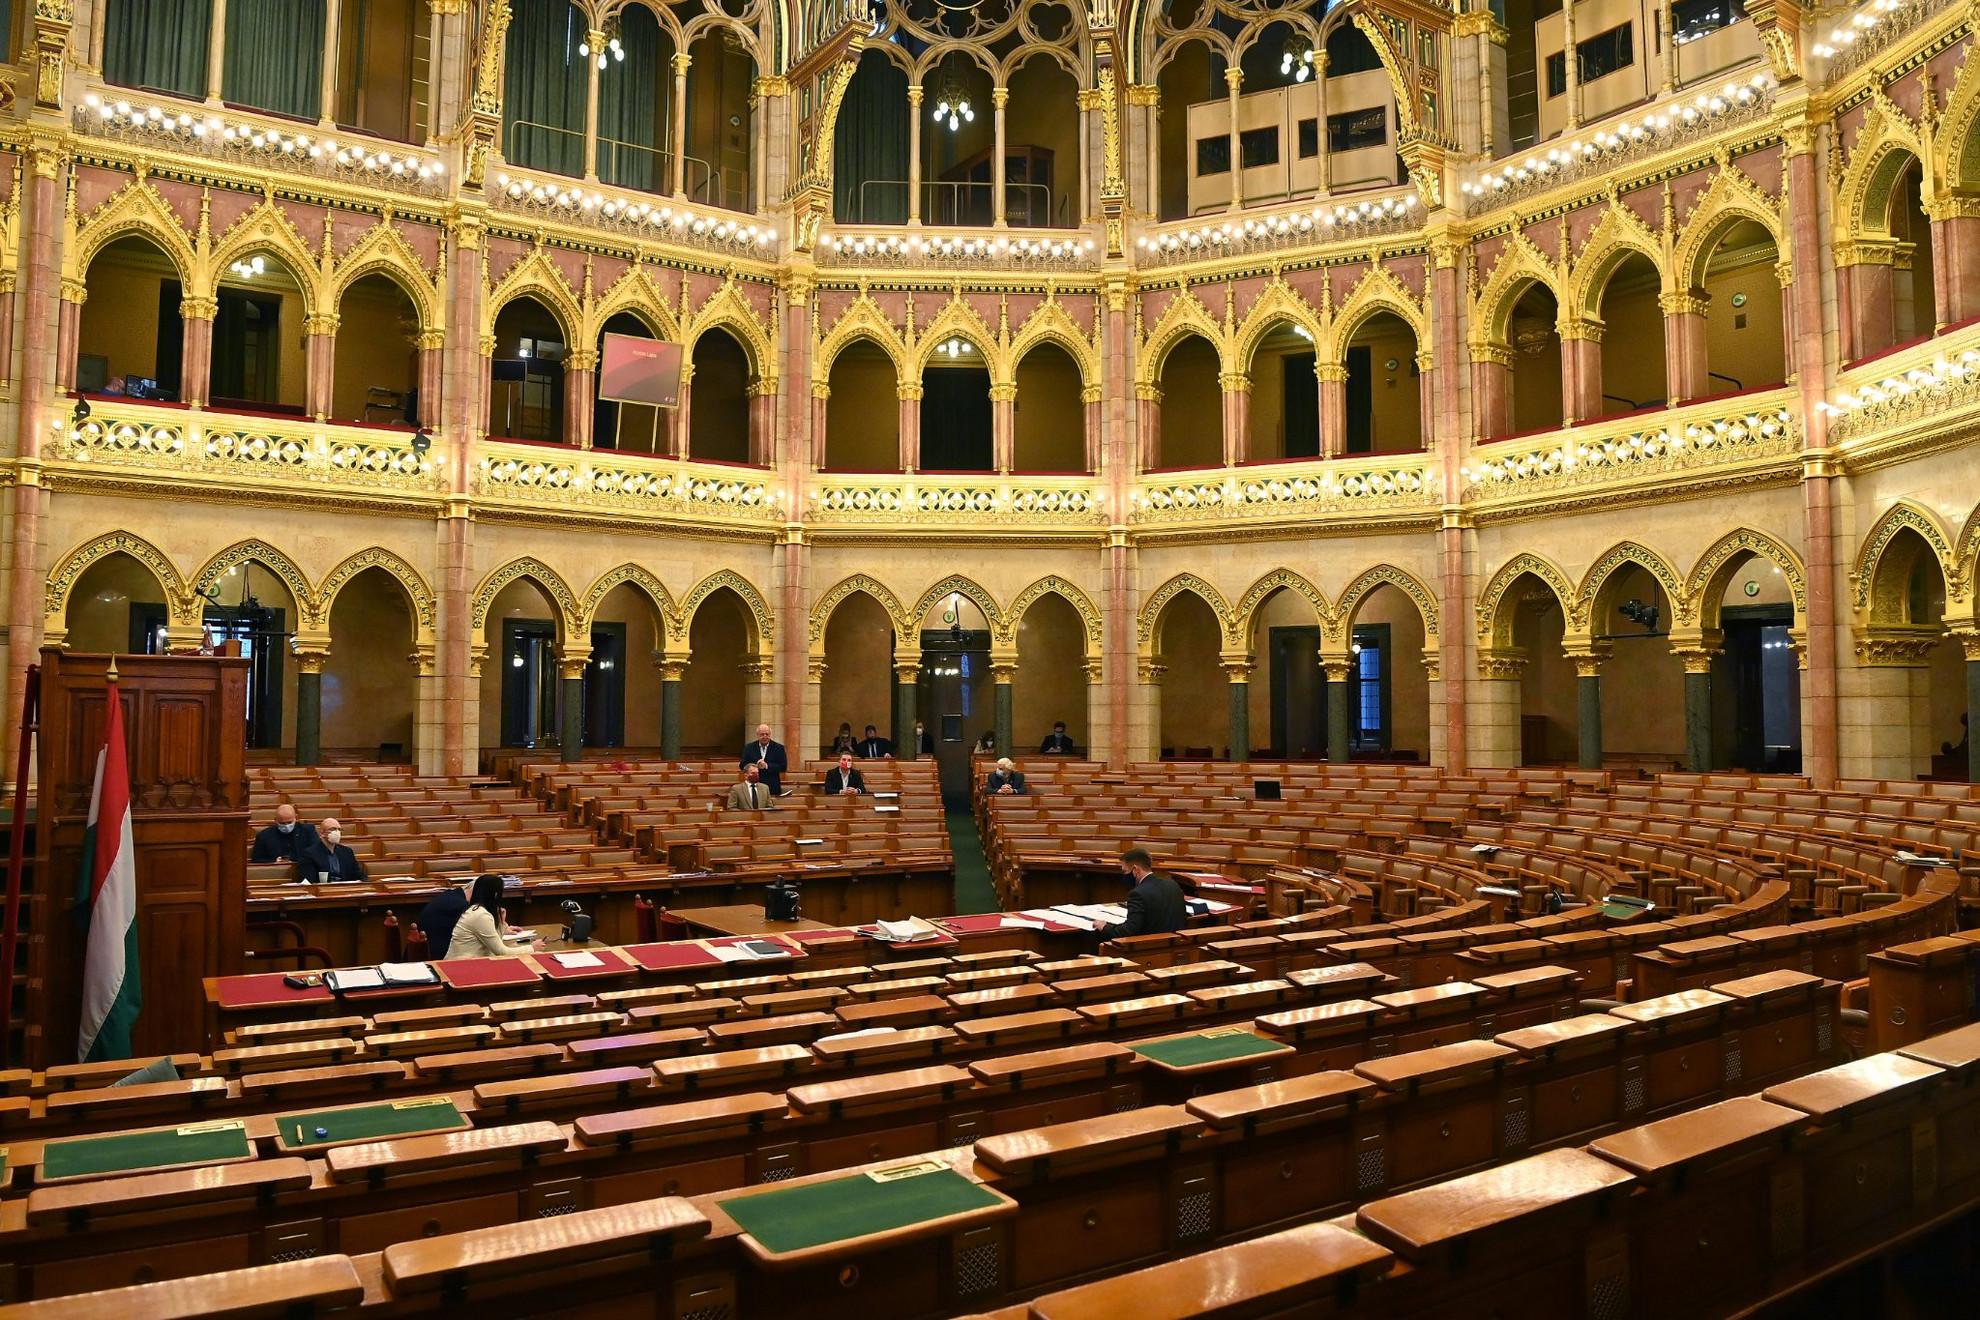 Korózs Lajos, az MSZP képviselője napirend előtt szólal fel az Országgyűlés plenáris ülésén, miután a kormánypárti (Fidesz-KDNP) képviselők kivonultak az ülésteremből 2020. november 17-én